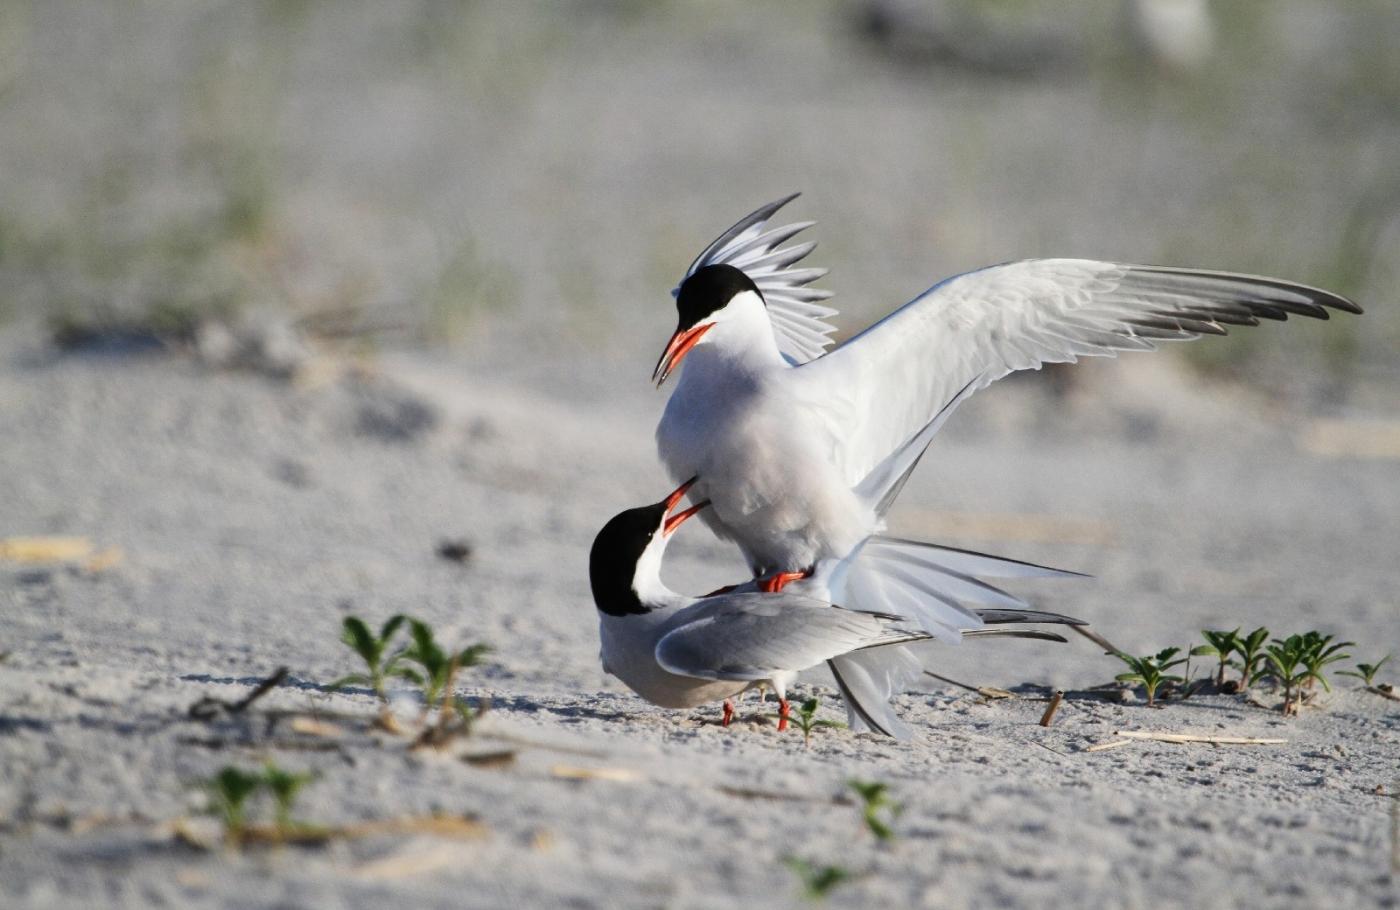 【田螺摄影】nickerson beach拍燕鸥求爱[二]_图1-21